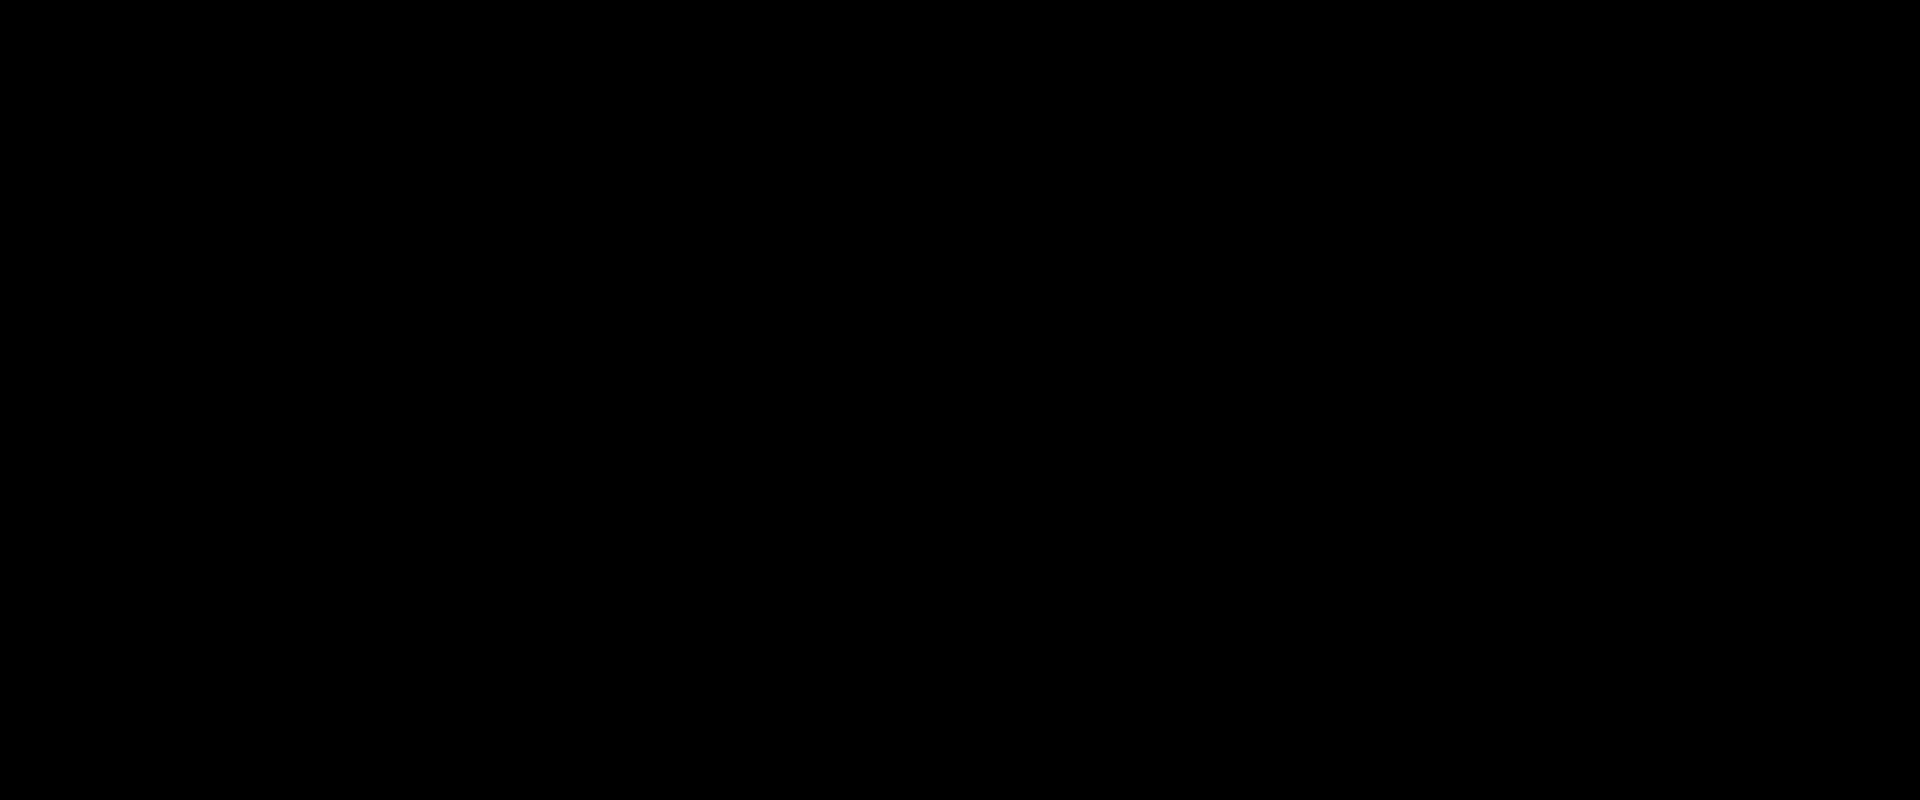 G2_Banner_Set02_v04_013.jpg